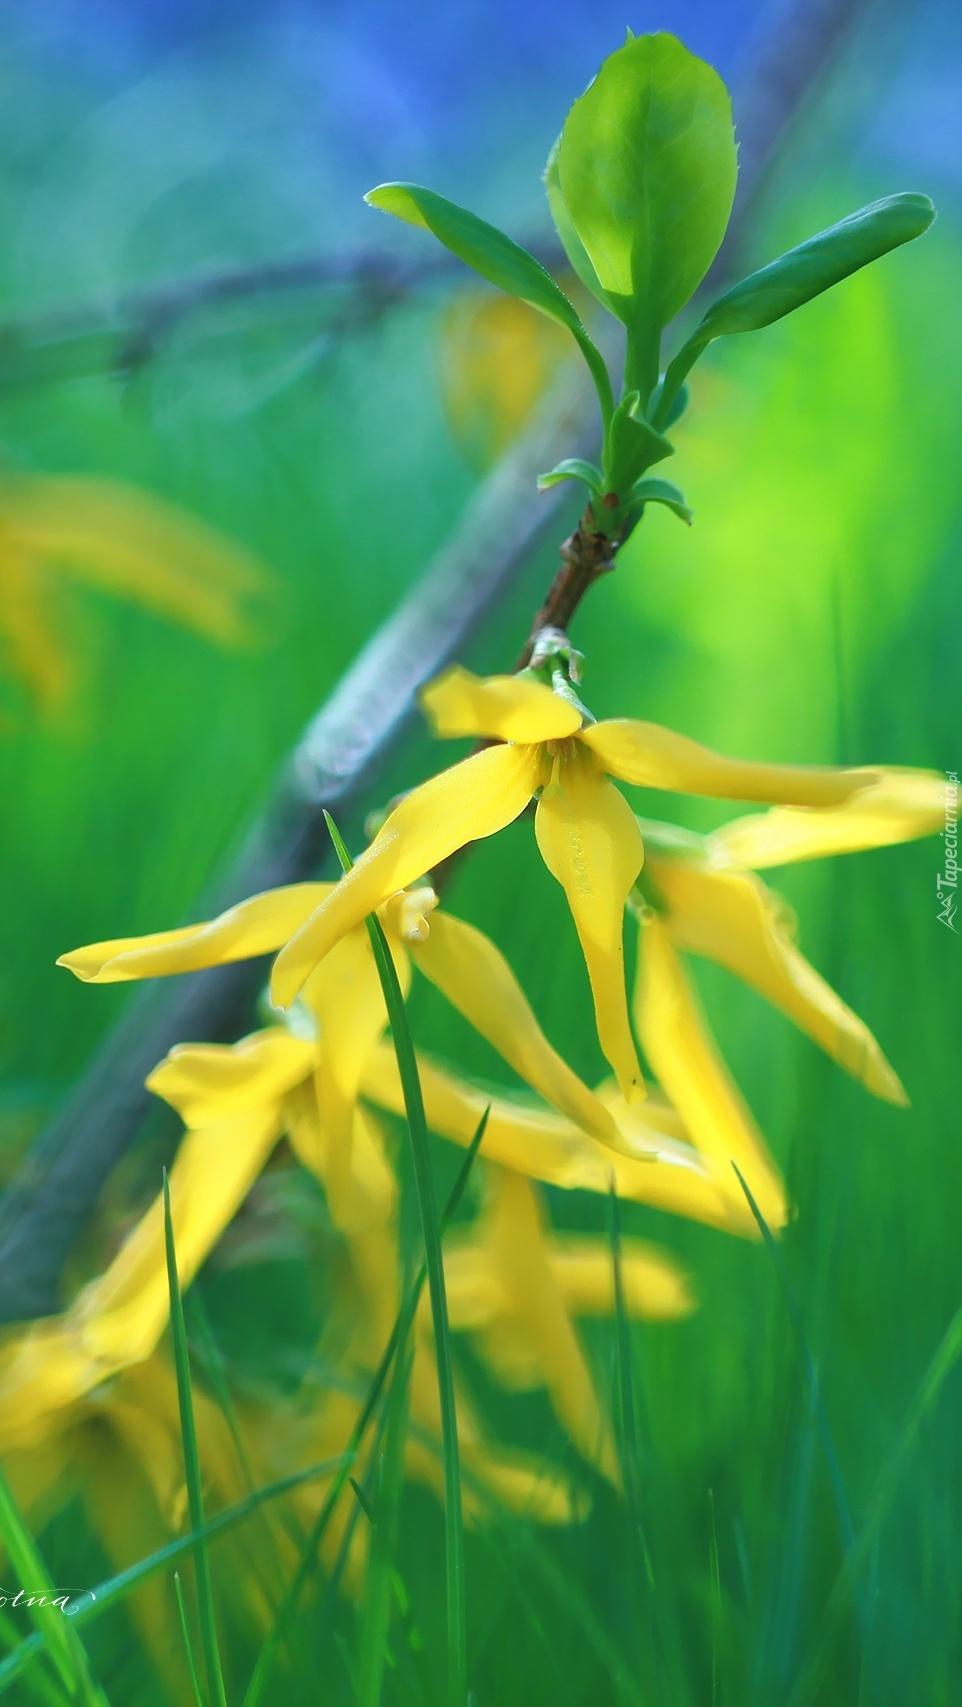 Forsycja żółta w rozkwicie